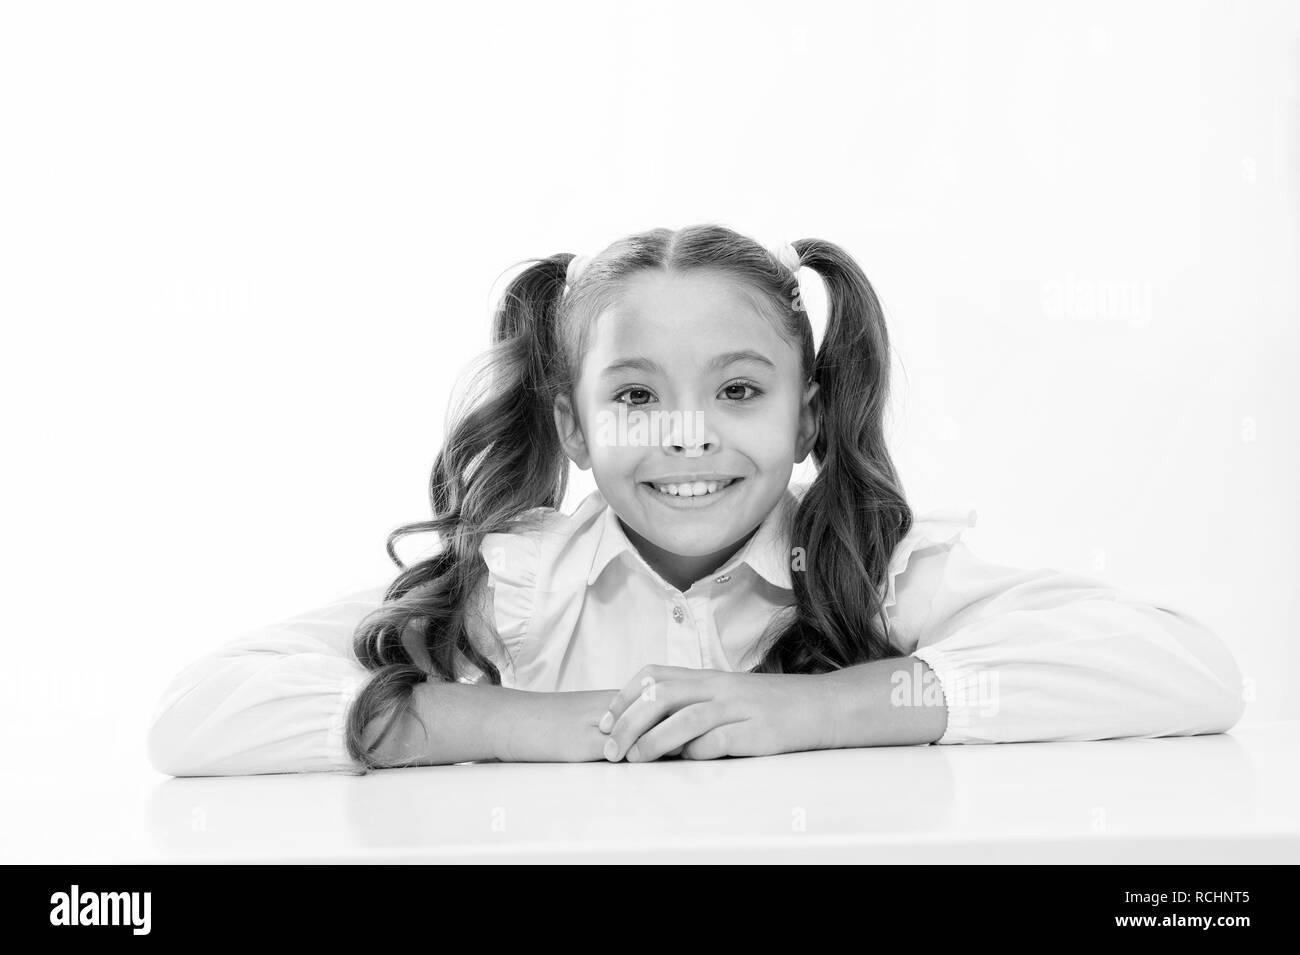 Enfance heureuse. Enfance heureuse de school girl isolé sur blanc. Photo Stock